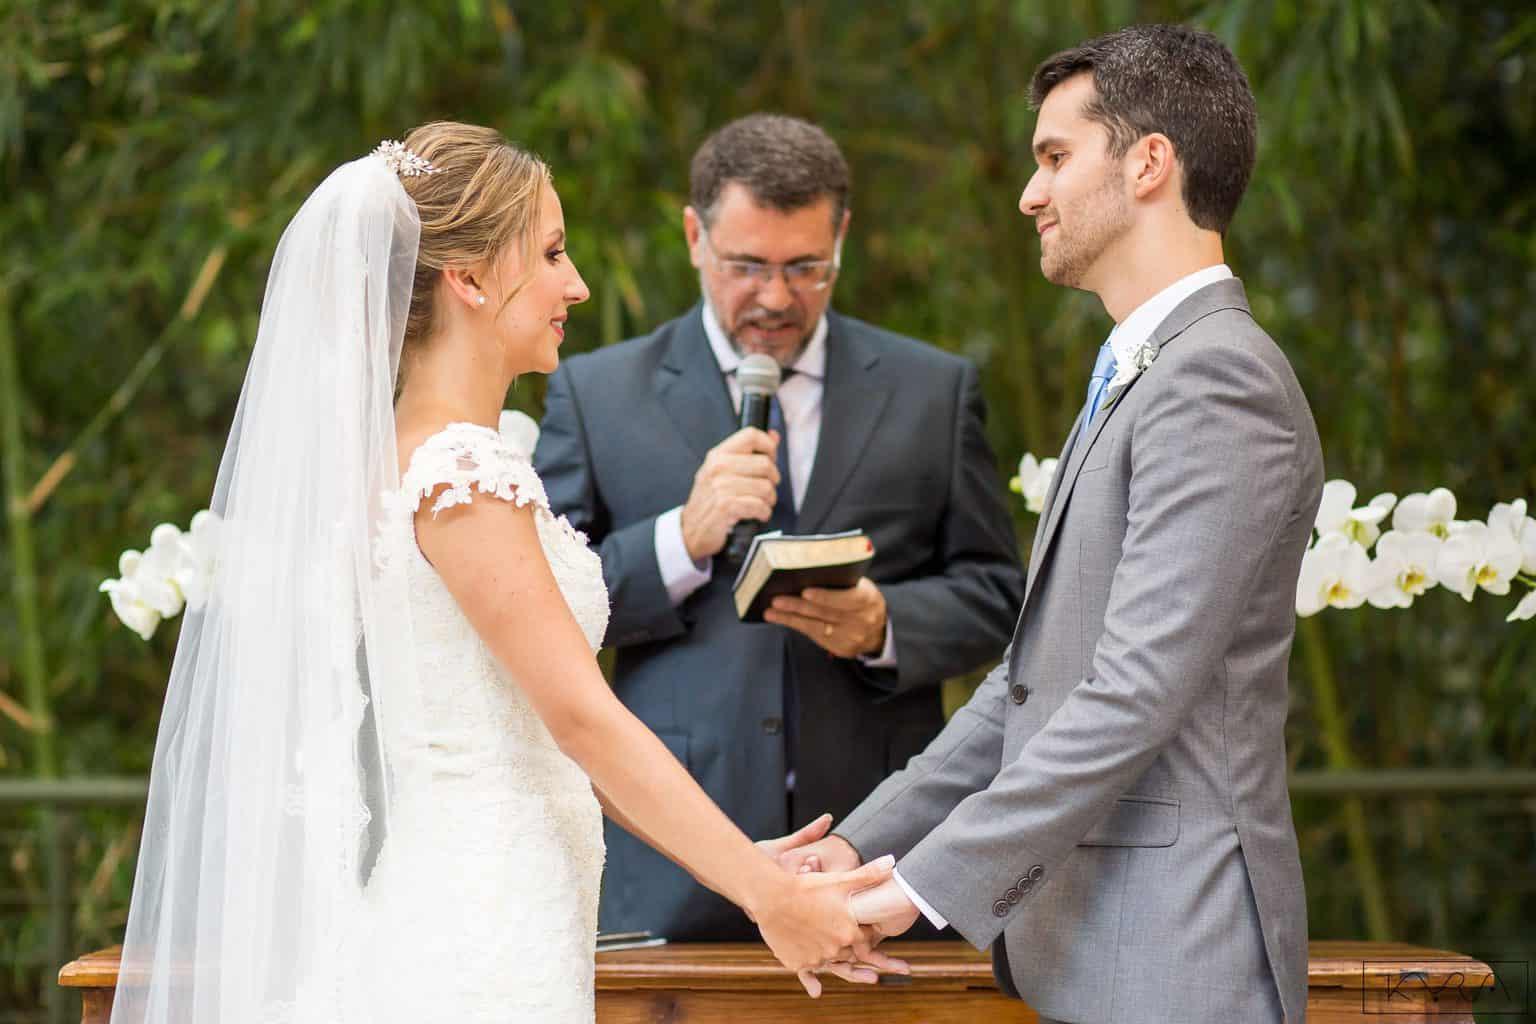 0401-Cerimonia-Giovanna-e-Pedro-KYRA5107AG2-Digital-Anna-Carolina-Werneck-Casa-das-Canoas-Casamento-Cerimônia-Kyra-Mirsky-Noivos-no-altar-Pastor-Aloisio-Bacelar-Rio-de-Janeiro-1